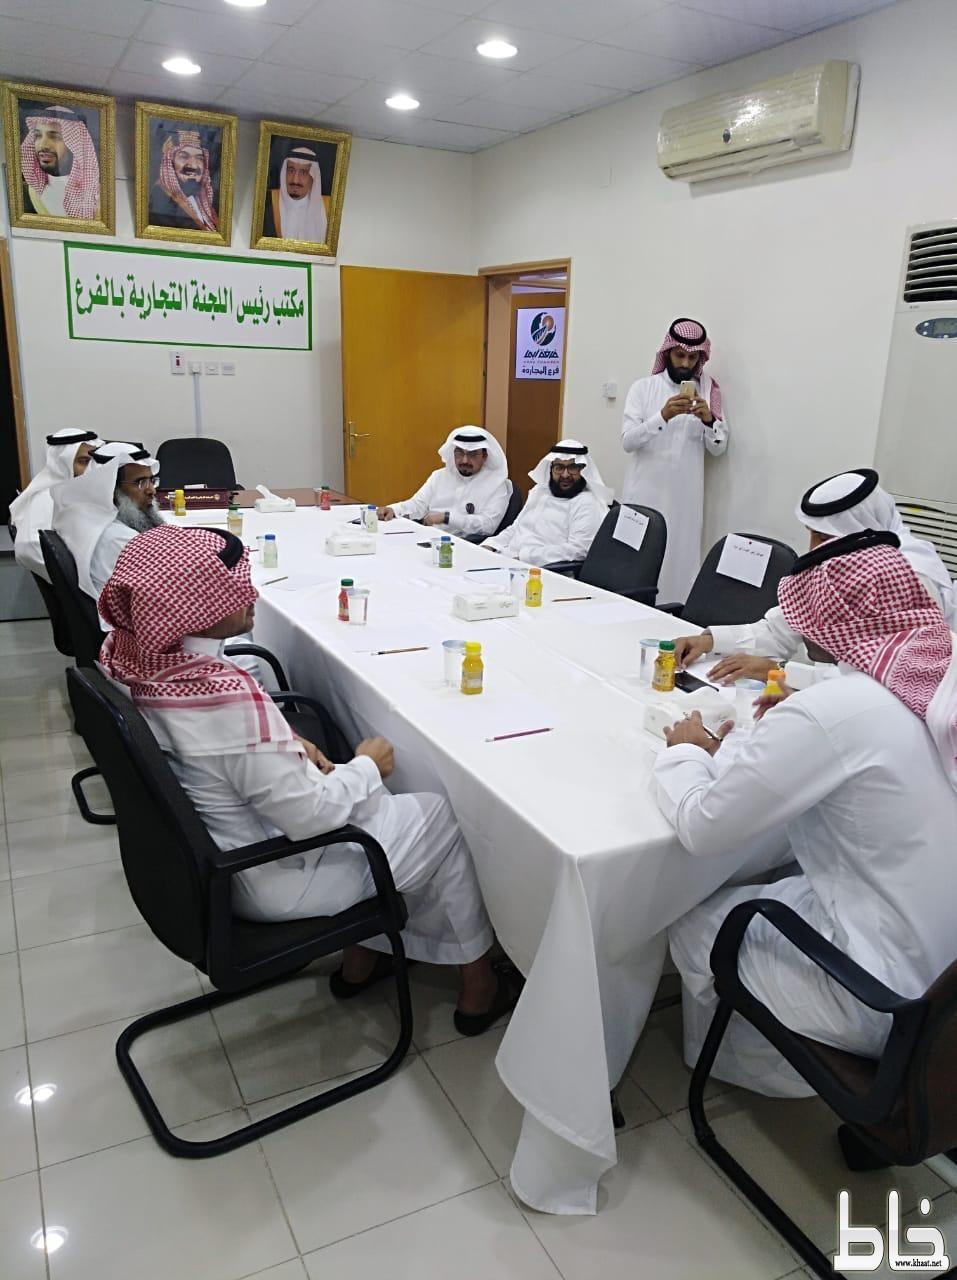 تشكيل اللجنة التجارية الفرعية بفرع الغرفة التجارية بمحافظة المجاردة